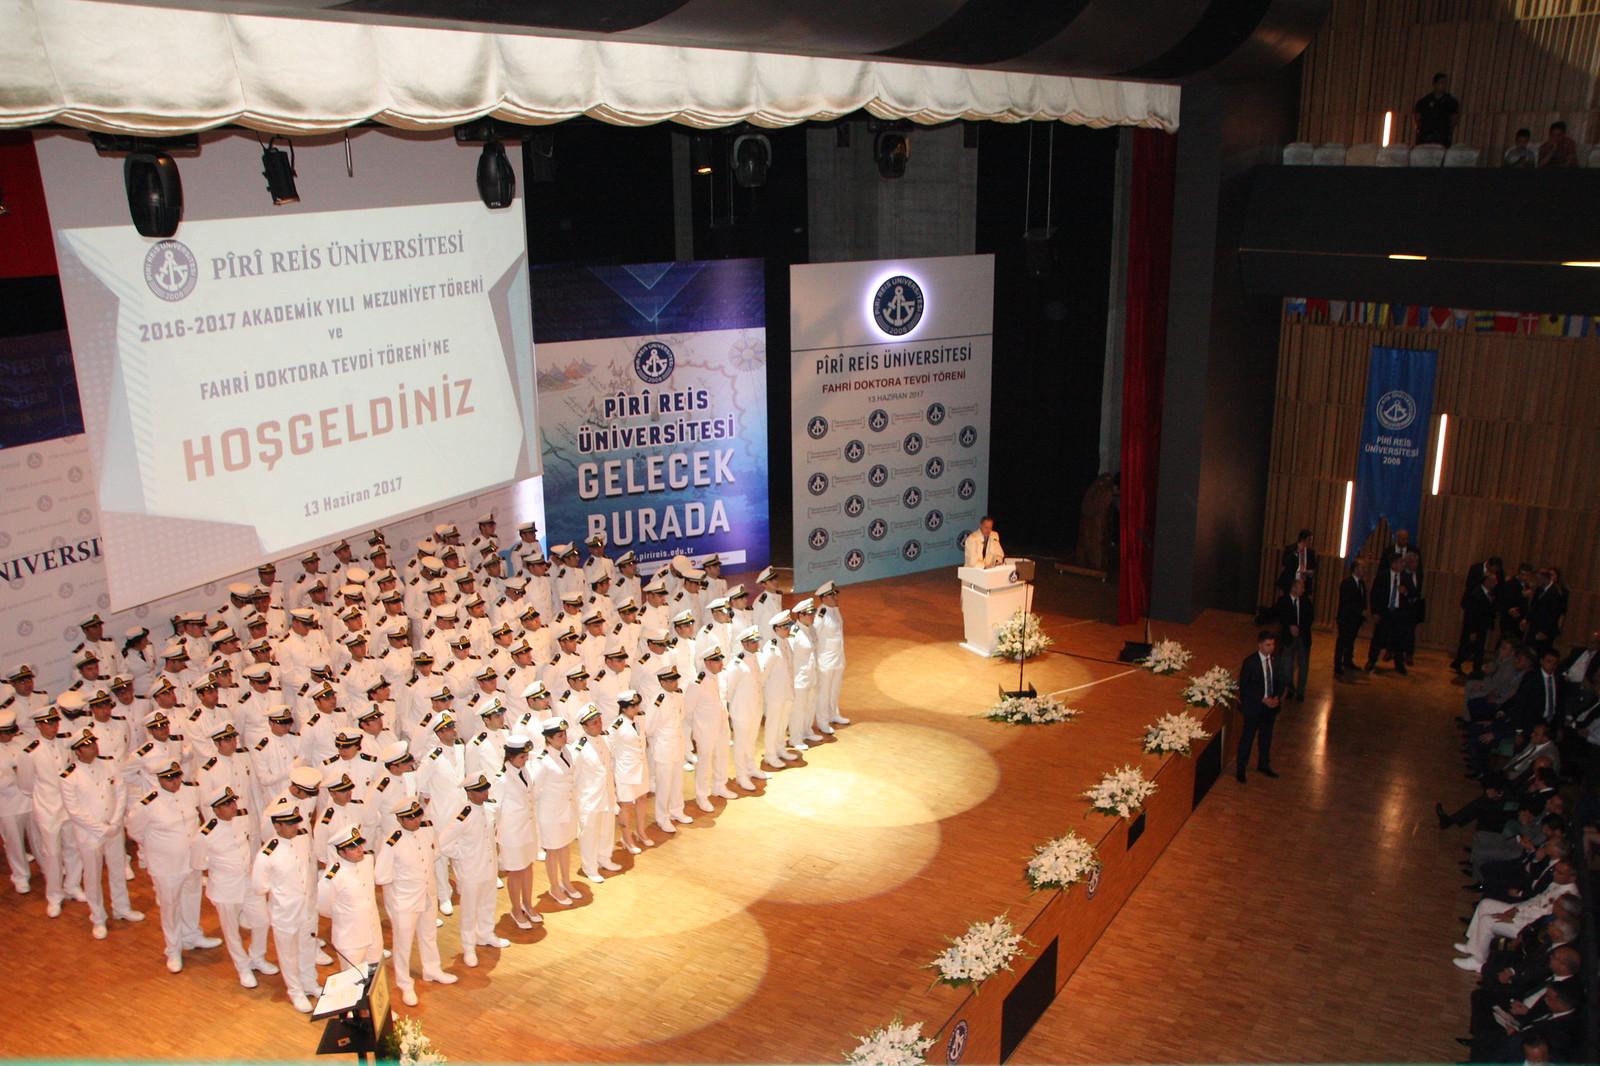 PRU 2017 Mezuniyet Töreni 1. Gün 13 Haziran 2017